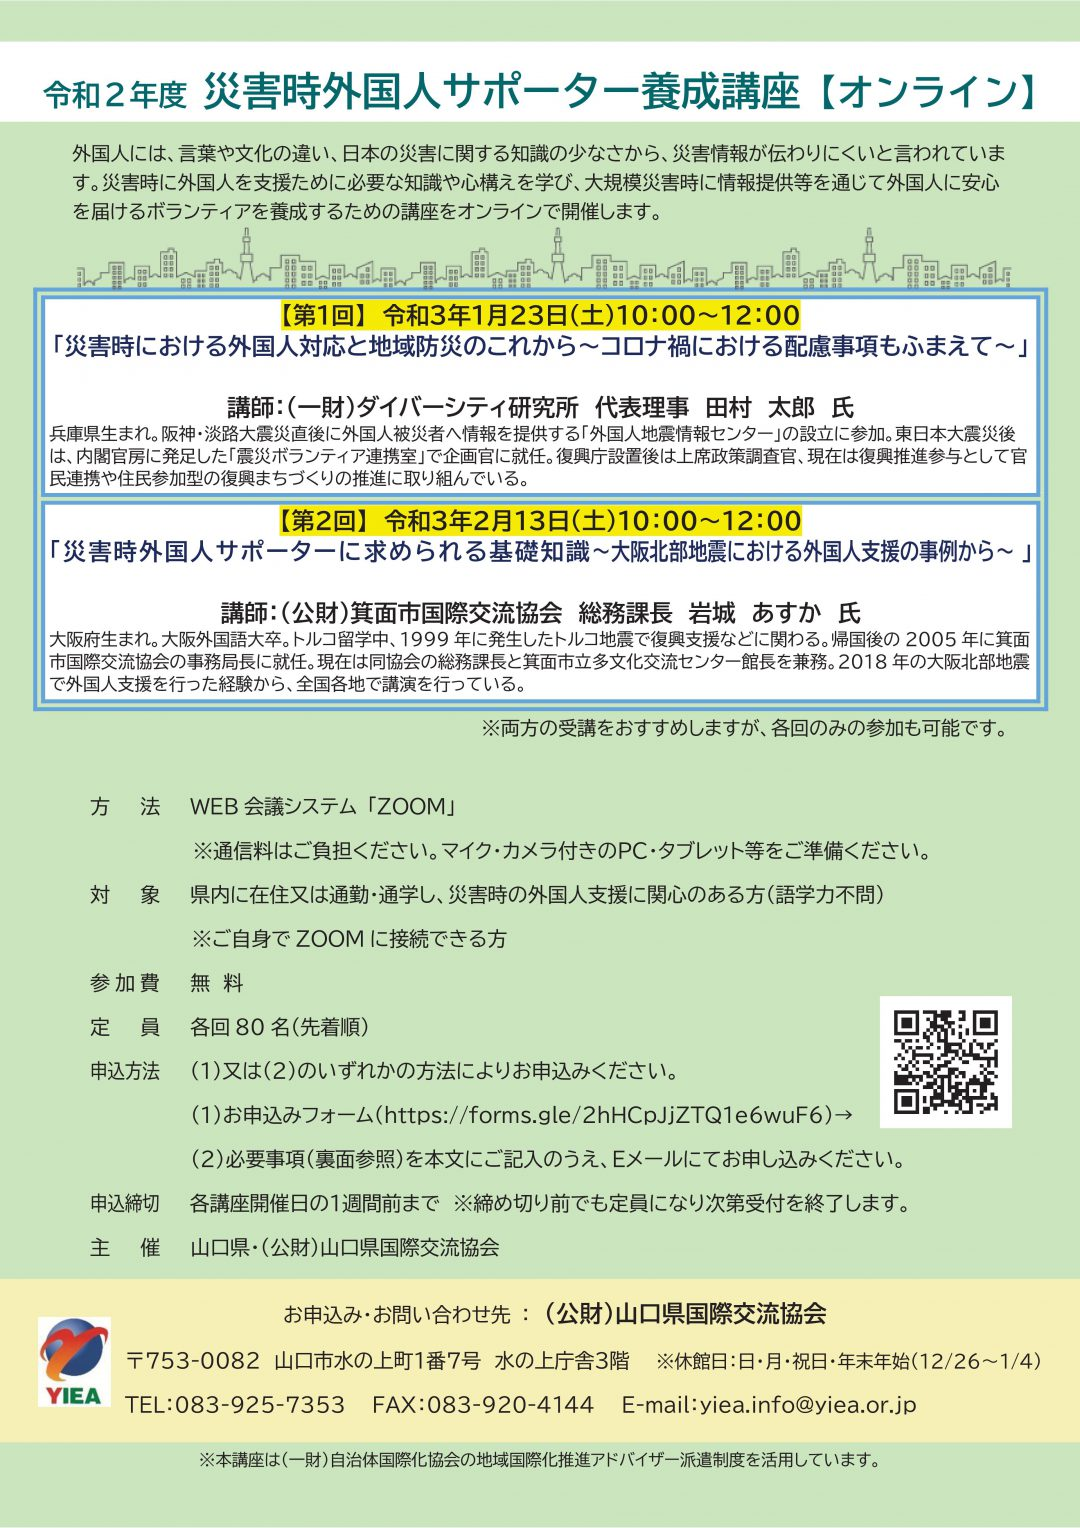 画像:令和2年度災害時外国人サポーター養成講座【オンライン】参加者募集(1/23・2/13)